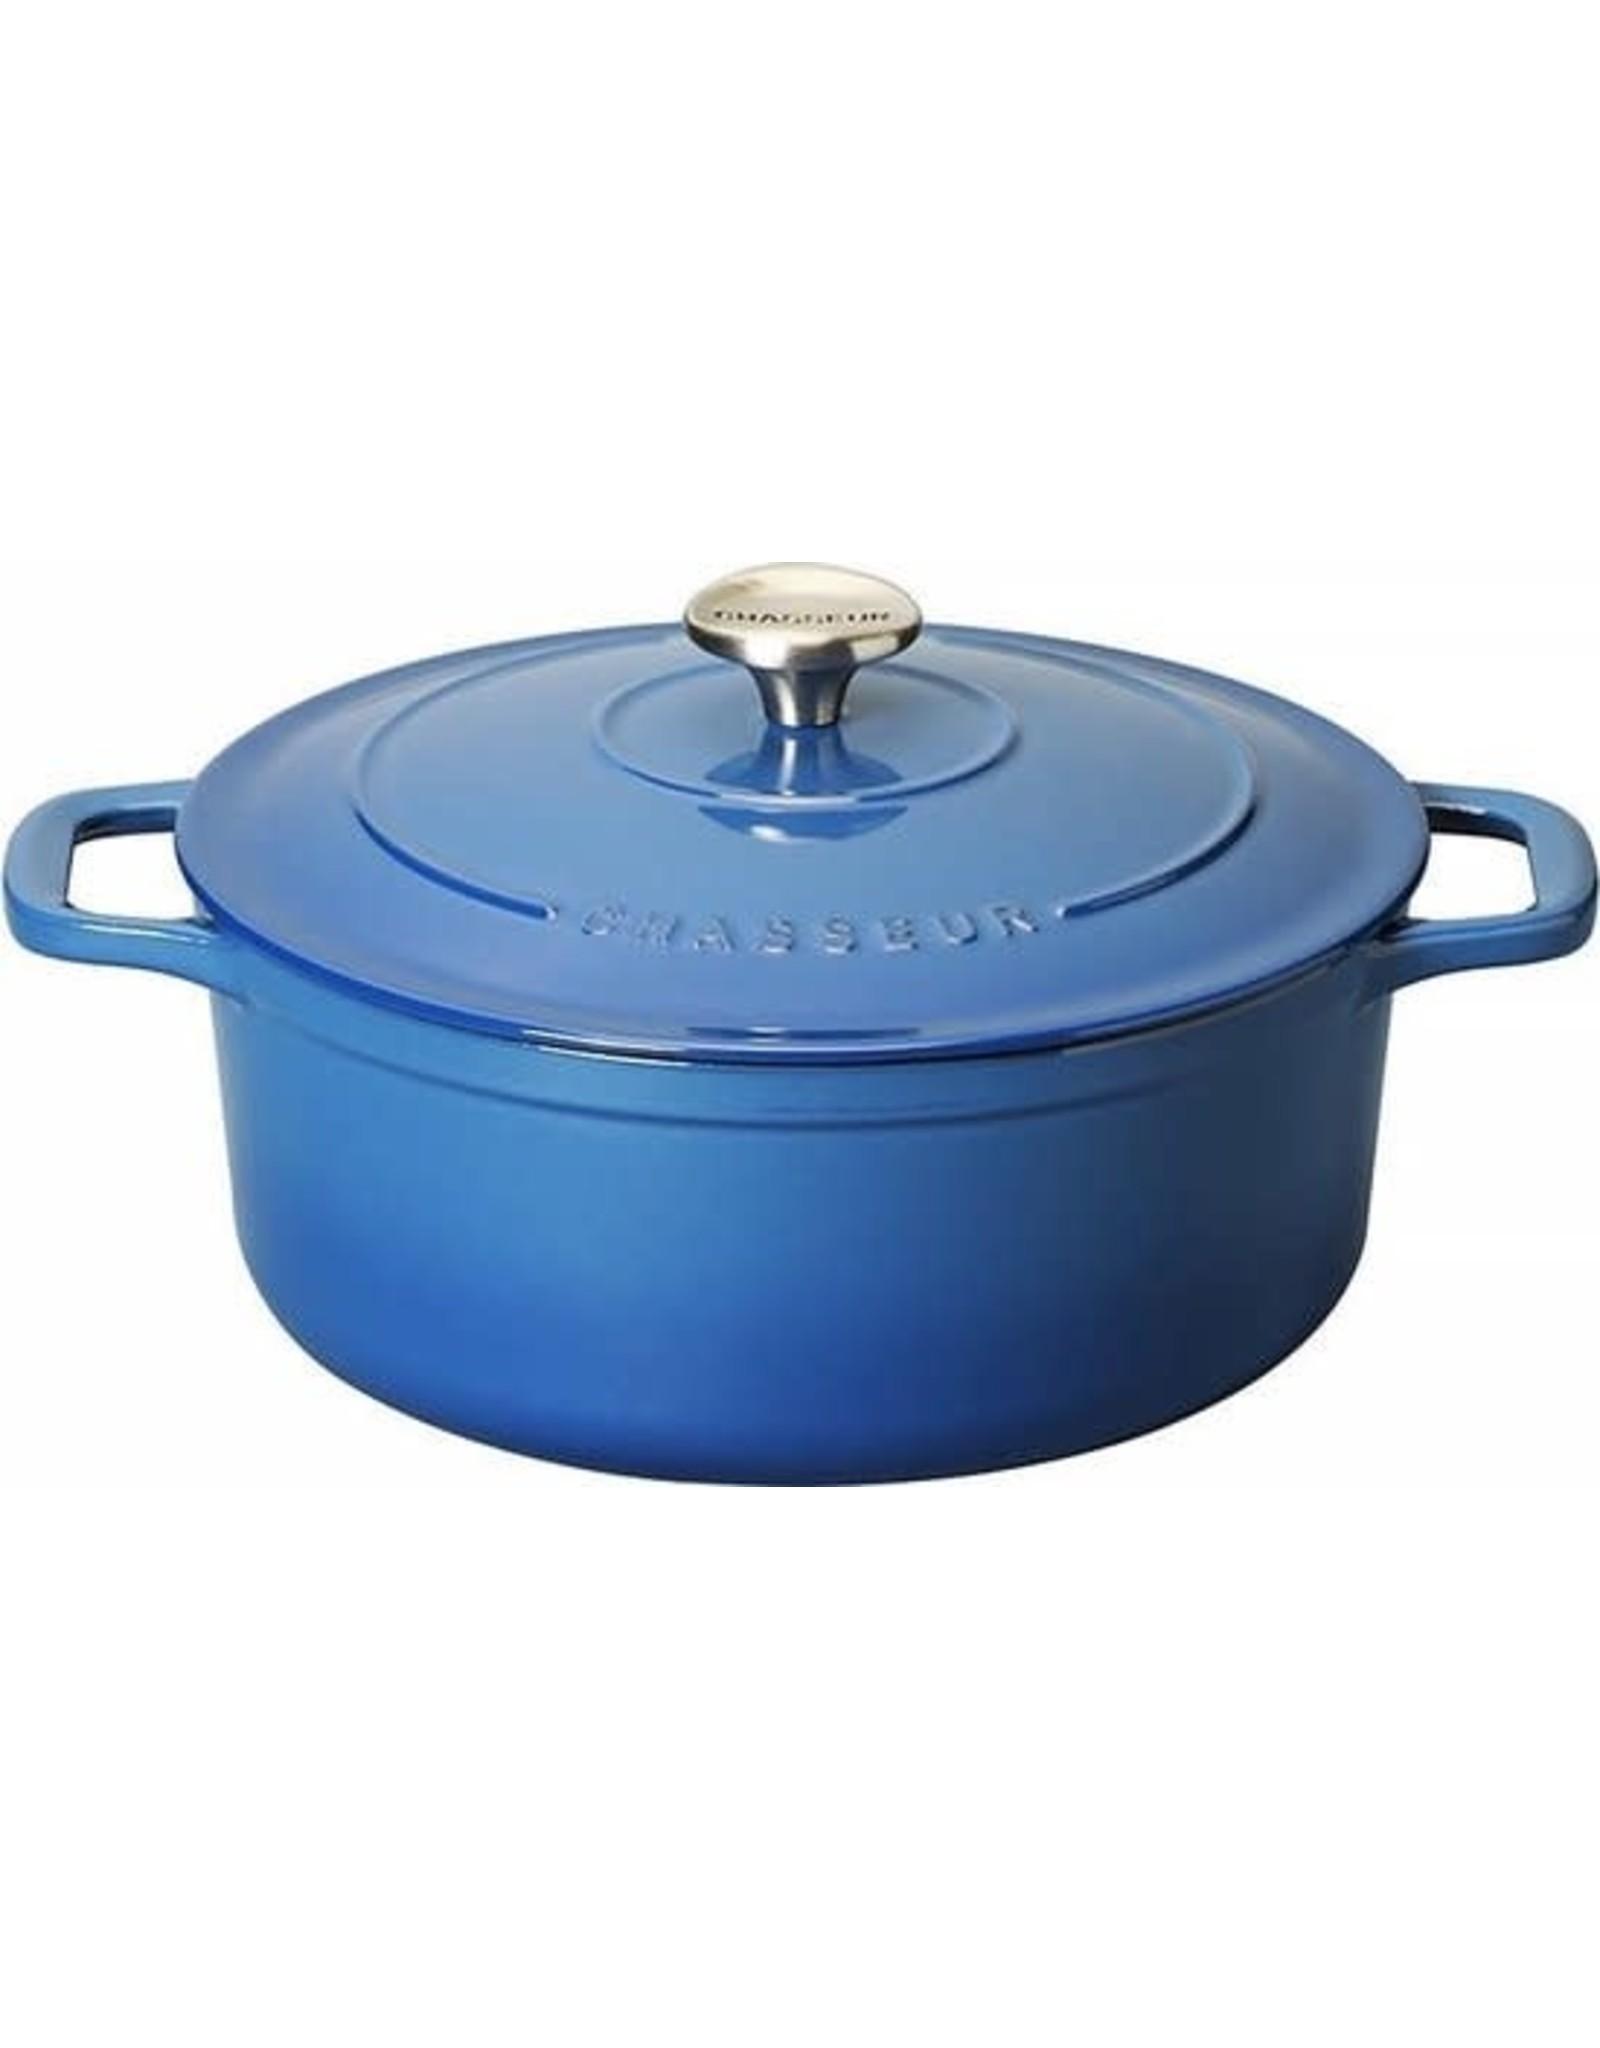 Chasseur Cocotte rond 20cm 2,5L blauw